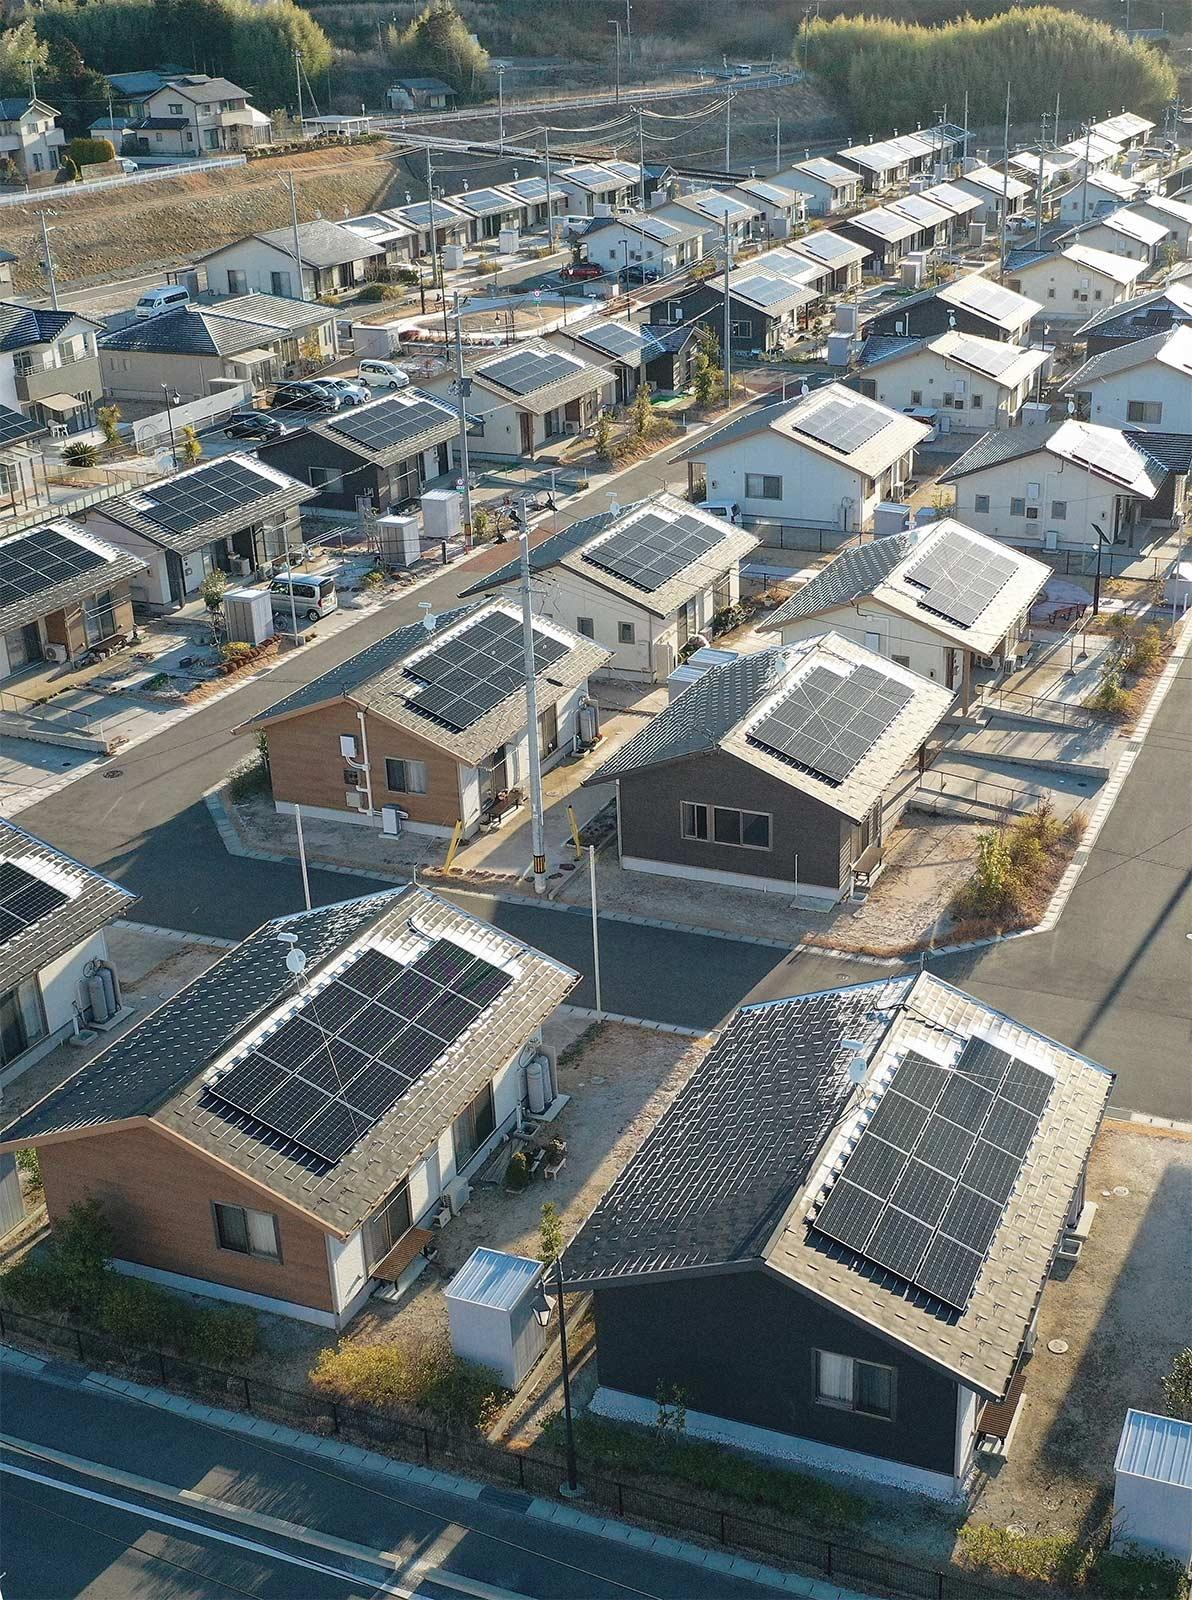 2050年カーボンニュートラル(炭素中立)に向けて、住宅の脱炭素化の取り組みが加速する。写真は福島県内の災害公営住宅。多くの住宅に太陽光発電設備が設置されている(写真:毎日新聞社/アフロ)